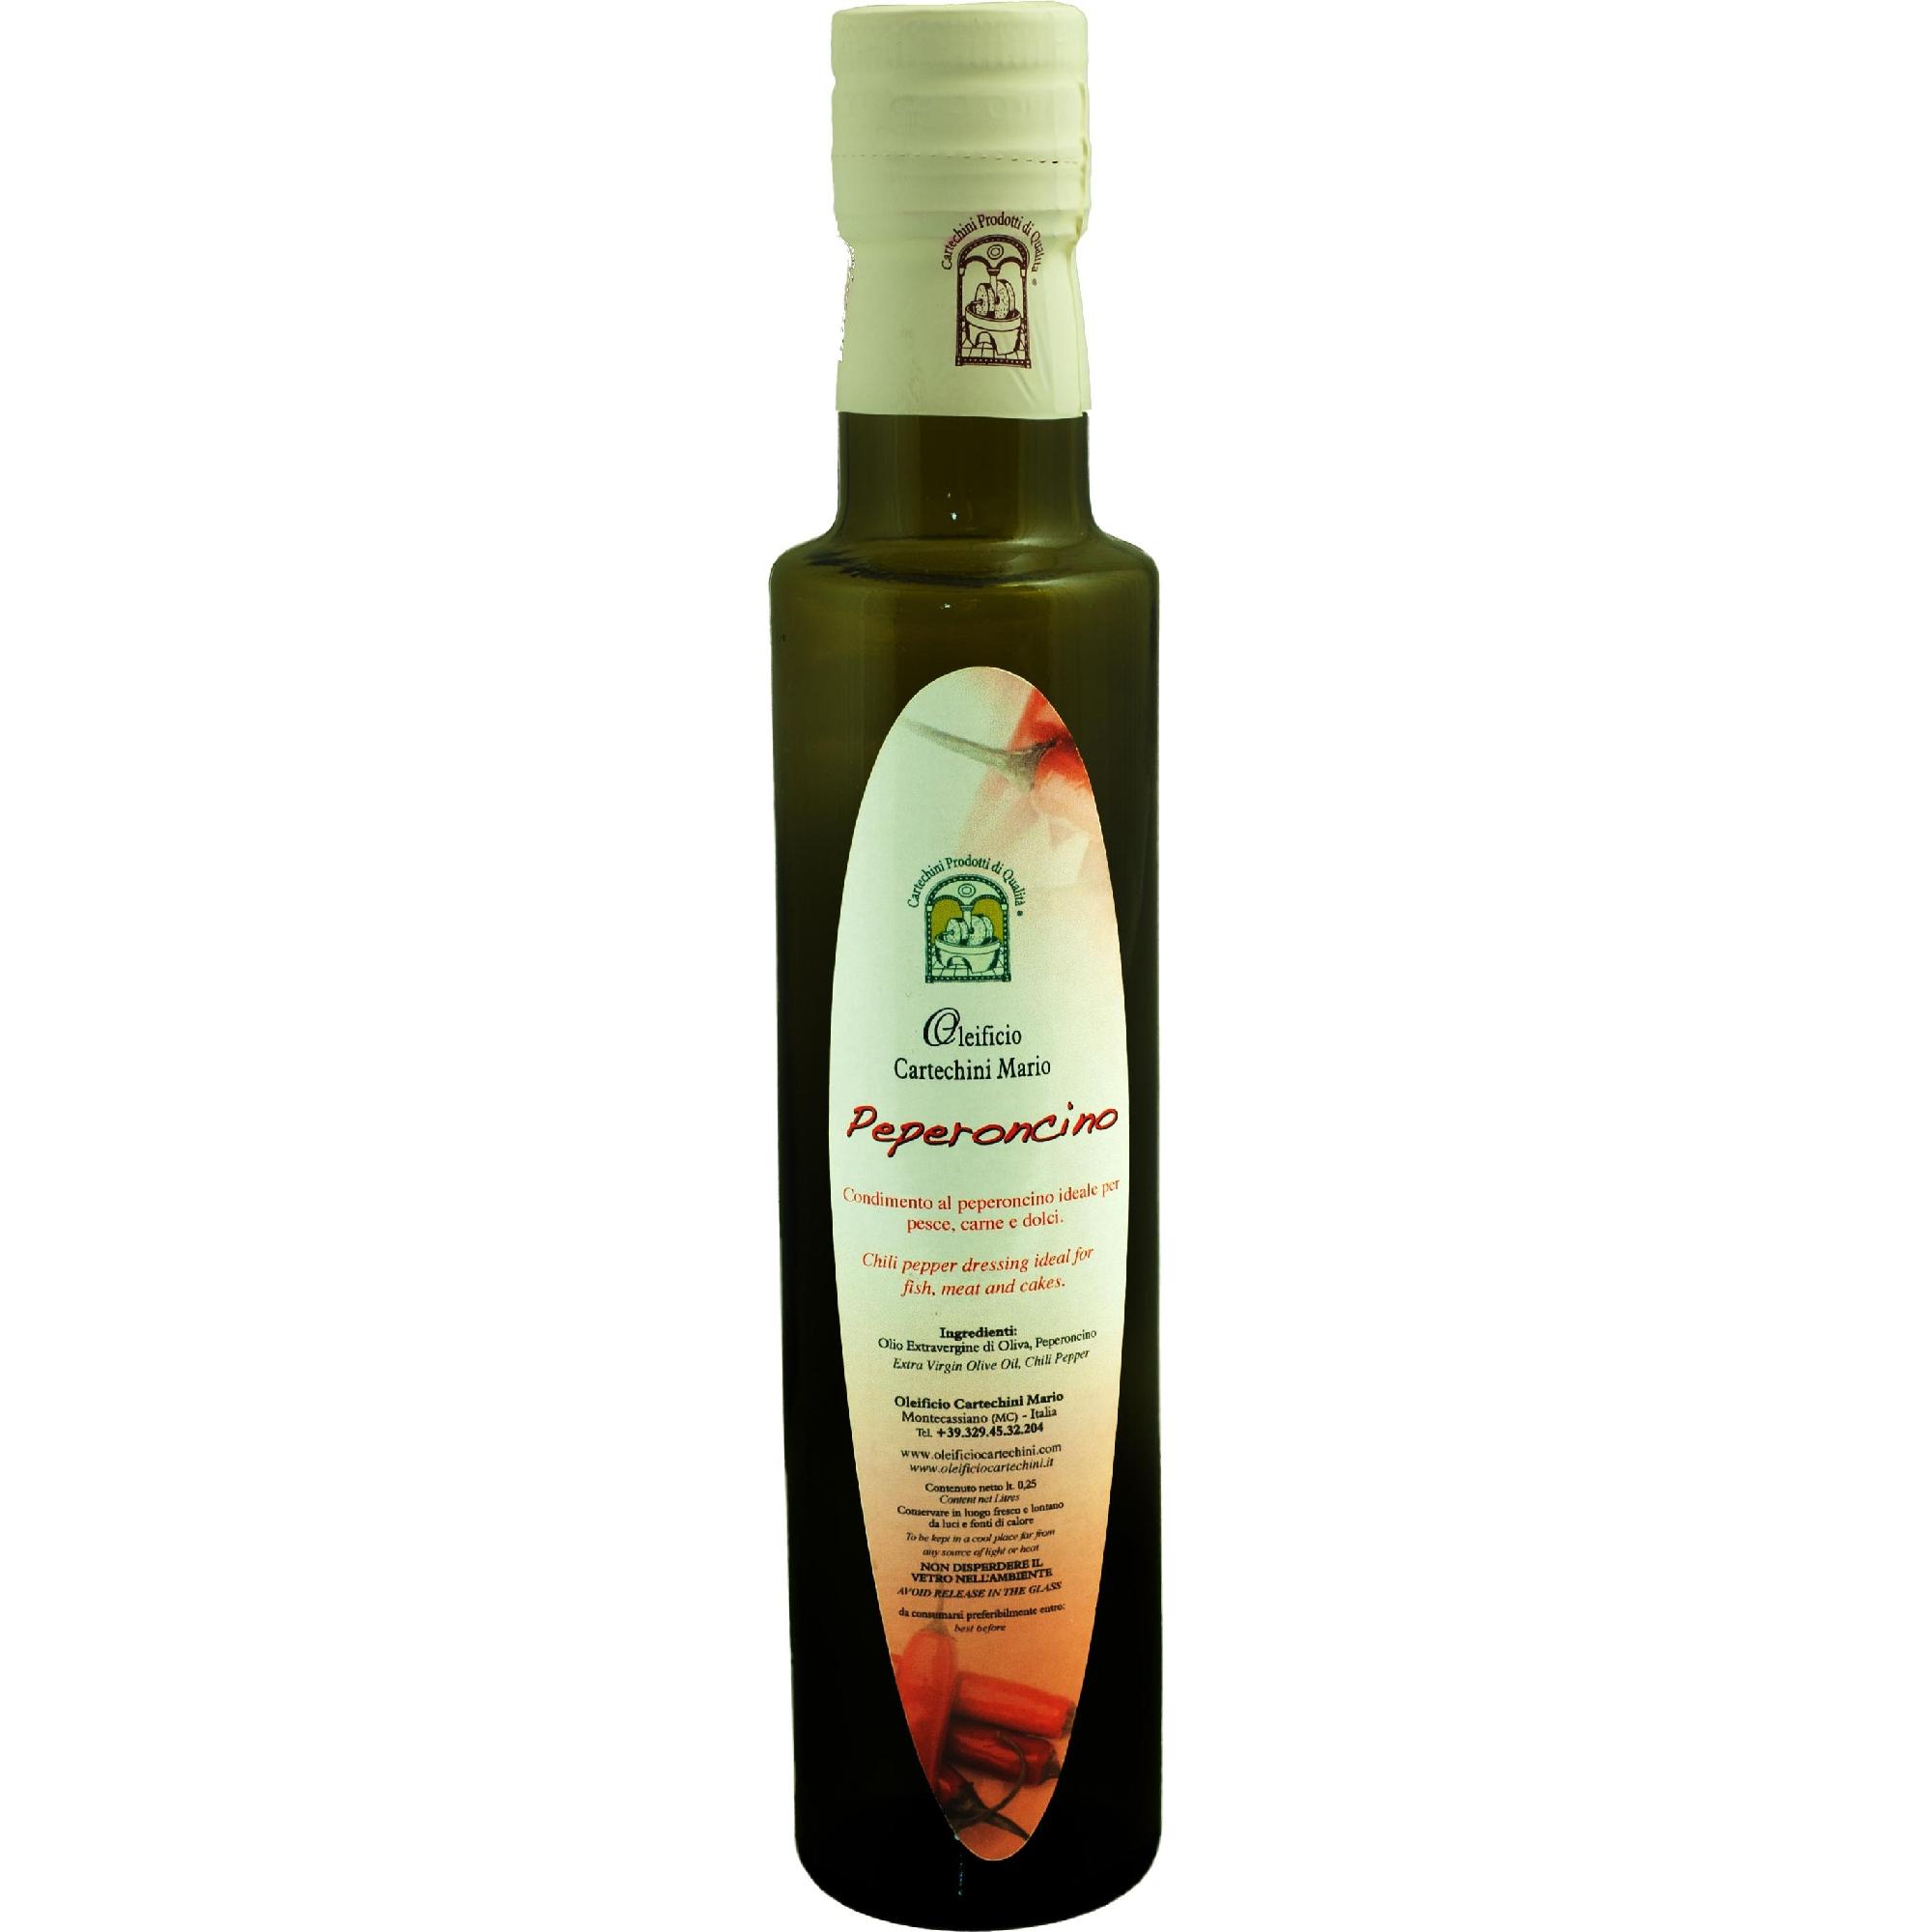 OLIO EVO AL PEPERONCINO - Per aromatizzare in maniera naturale, salutare e originale i tuoi piatti, scopri lo sfizioso Olio Extravergine d'Oliva aromatizzato al Peperoncino.Nessun aroma chimico, SOLO AROMI NATURALI E FRUTTA BIO spremuti meccanicamente a freddo insieme alle olive, per un pieno di salute e sapore. I Peperoncini provengono direttamente dall' Orto della Nonna.CARATTERISTICHE DEL PRODOTTOPeriodo di raccolta: da Fine NovembreMetodo di Lavorazione: Estrazione meccanica di olive insieme a Limoni (di sicilia non trattati) senza processi di raffinazioneConservazione: In serbatoi a Temperatura controllata tra 15°C e 18°CCultivar: Blend di Frantoio, Orbetana, Mignola, Raggia, CoroncinaAspetto: colore leggermente rossastroFruttato: Medio-LeggeroGusto: di Peperoncino,vero concentrato di piccantezza